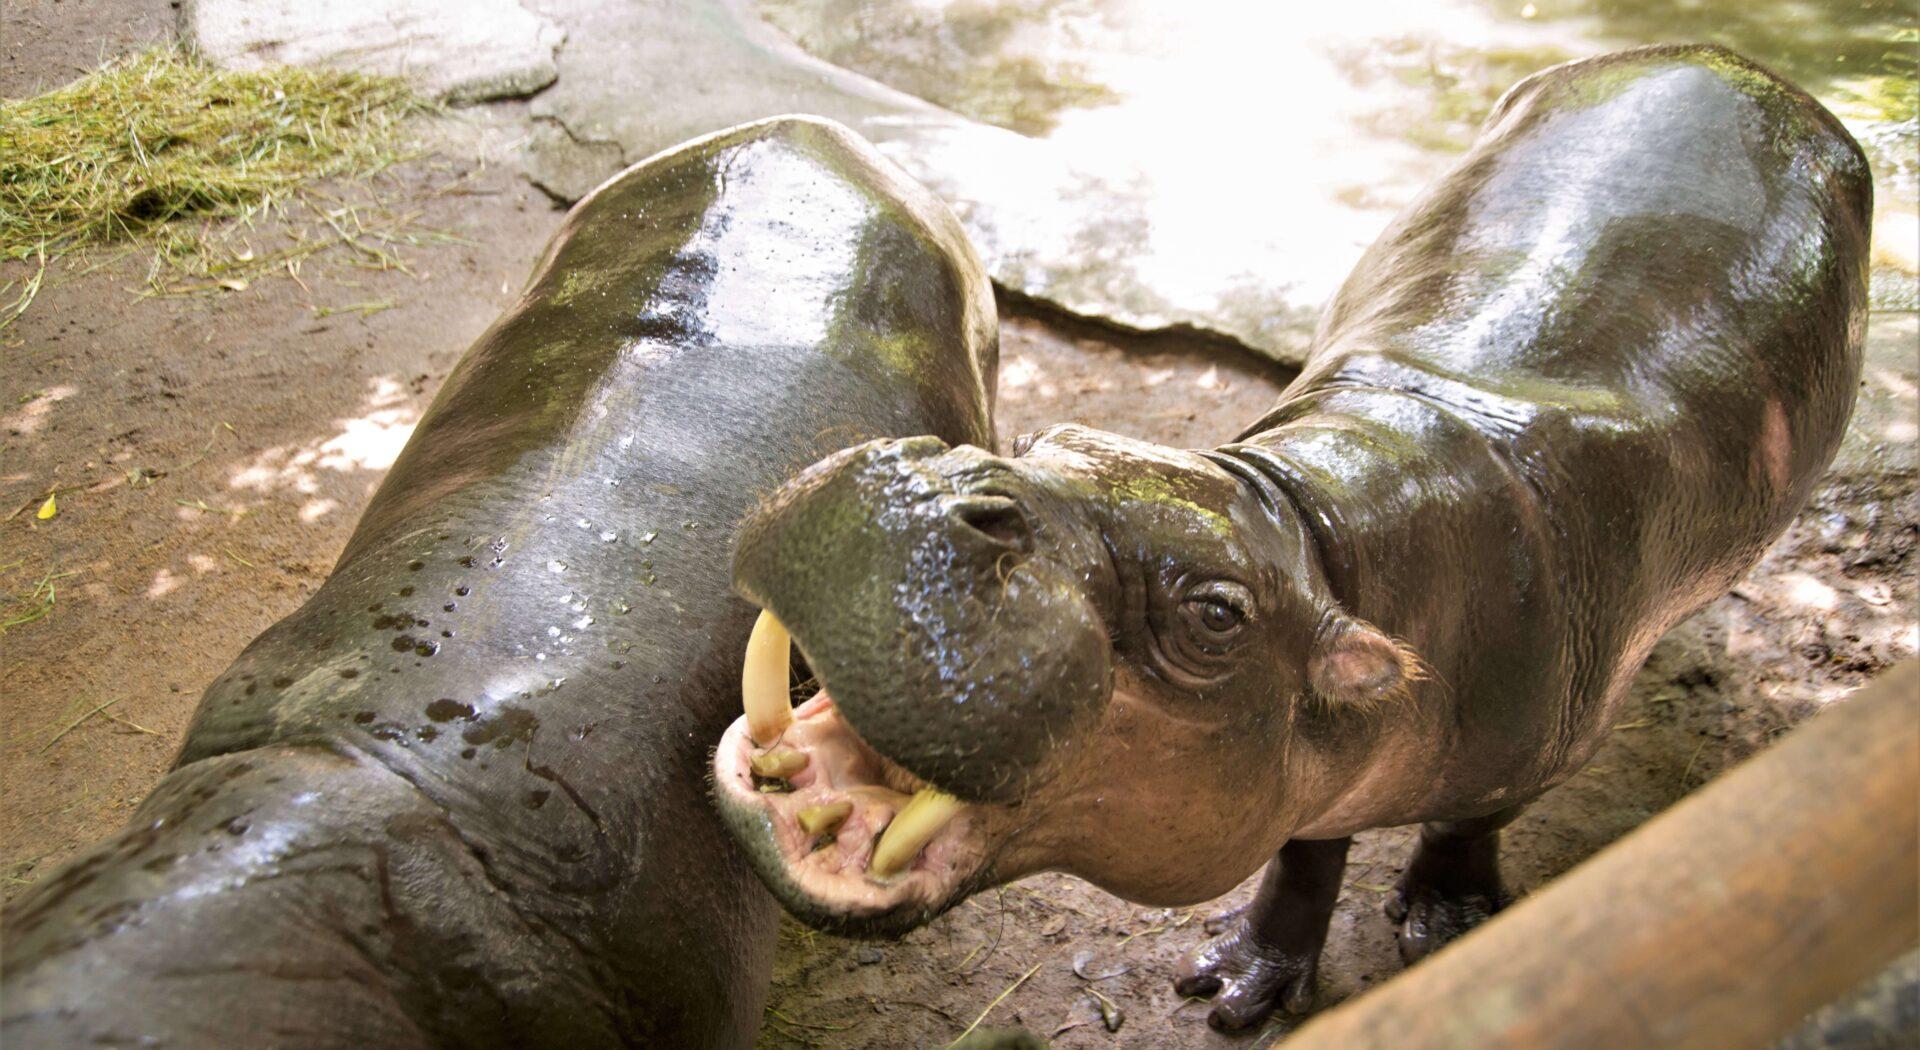 Da korona satte en stopper for seiling til Borneos regnskogparadis, kom regnskogen isteden til oss.